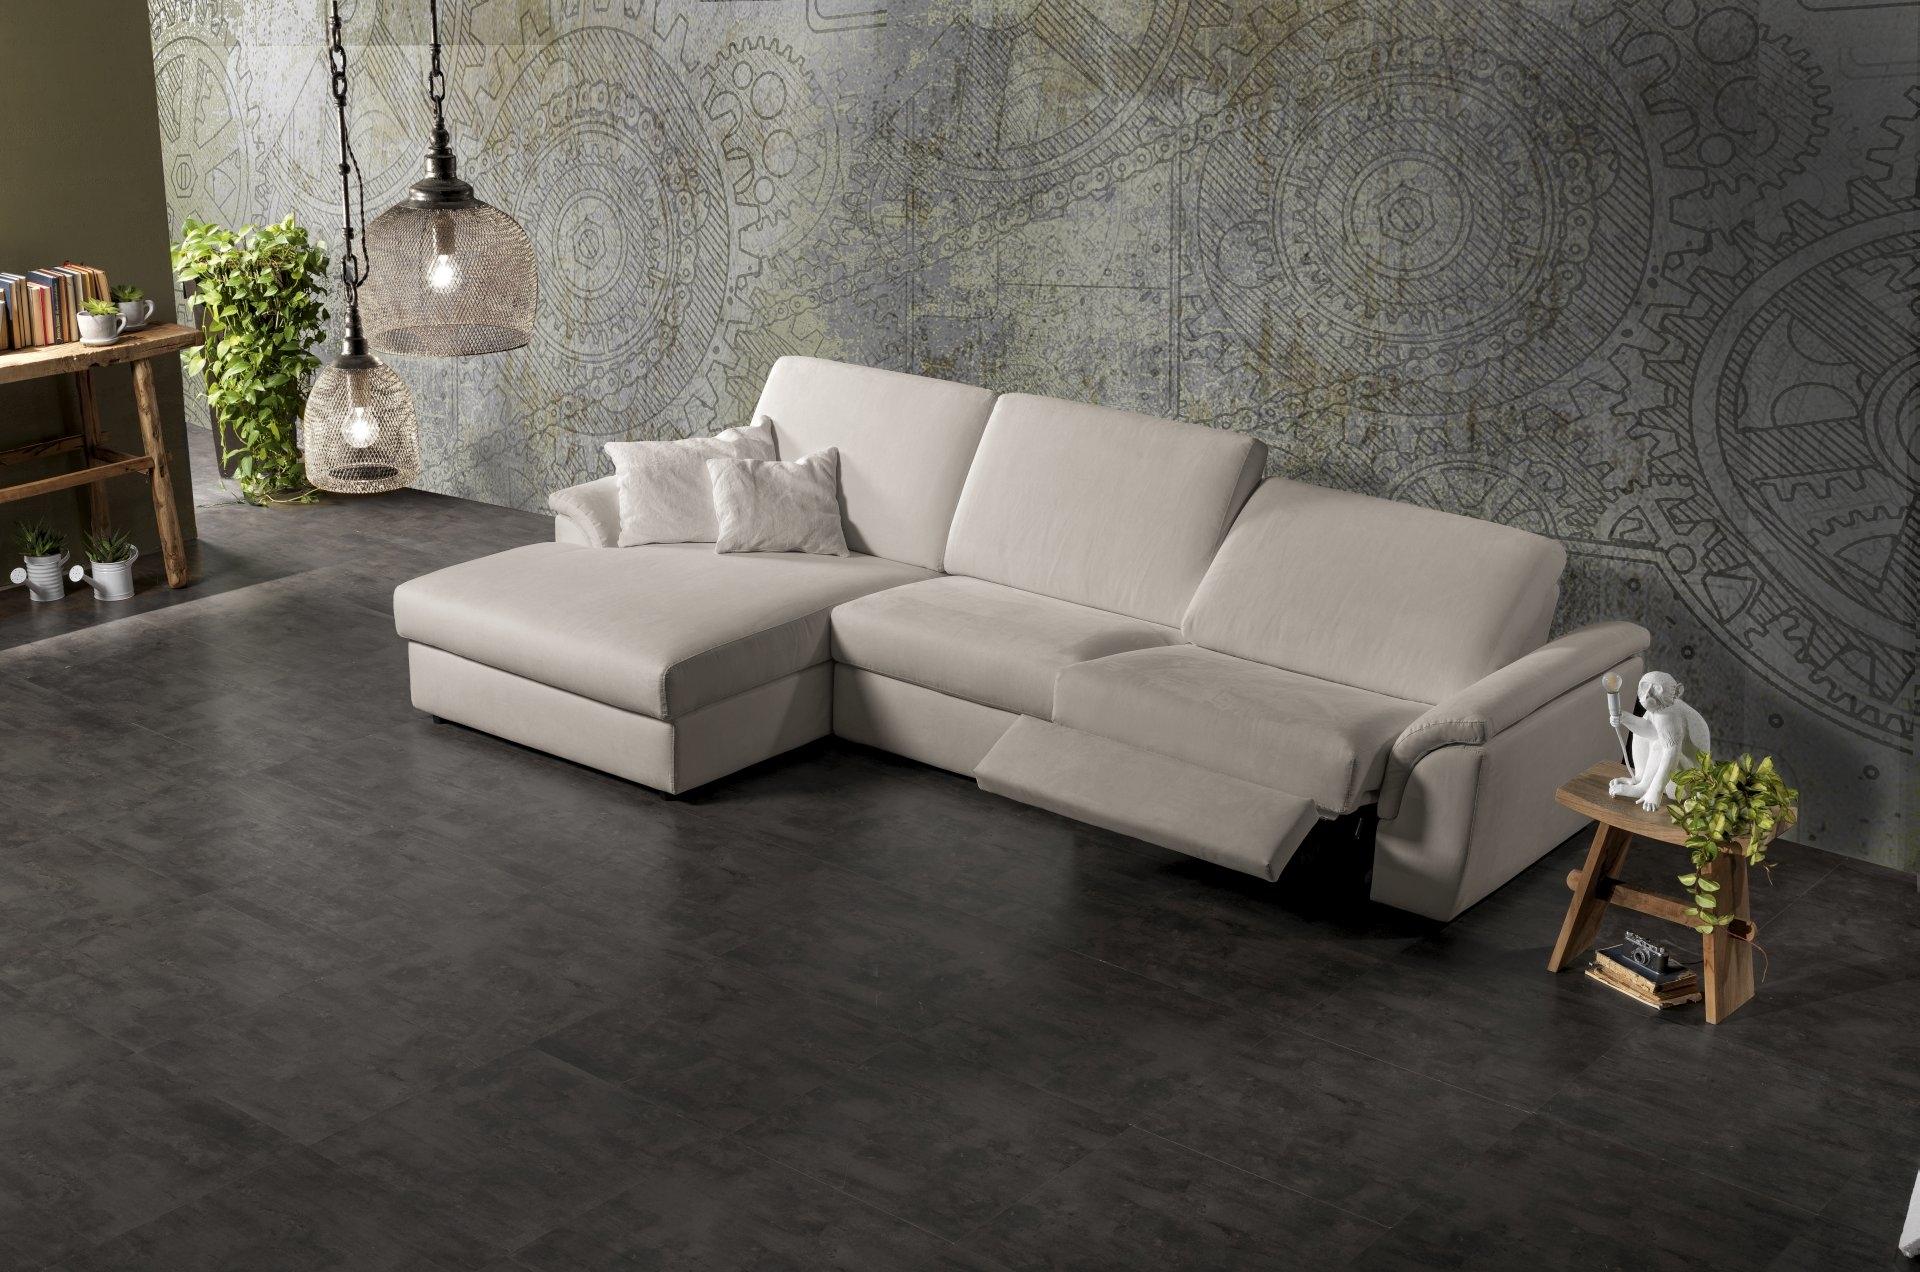 Divano exc eiffel divani relax tessuto divani a prezzi - Divano relax prezzi ...